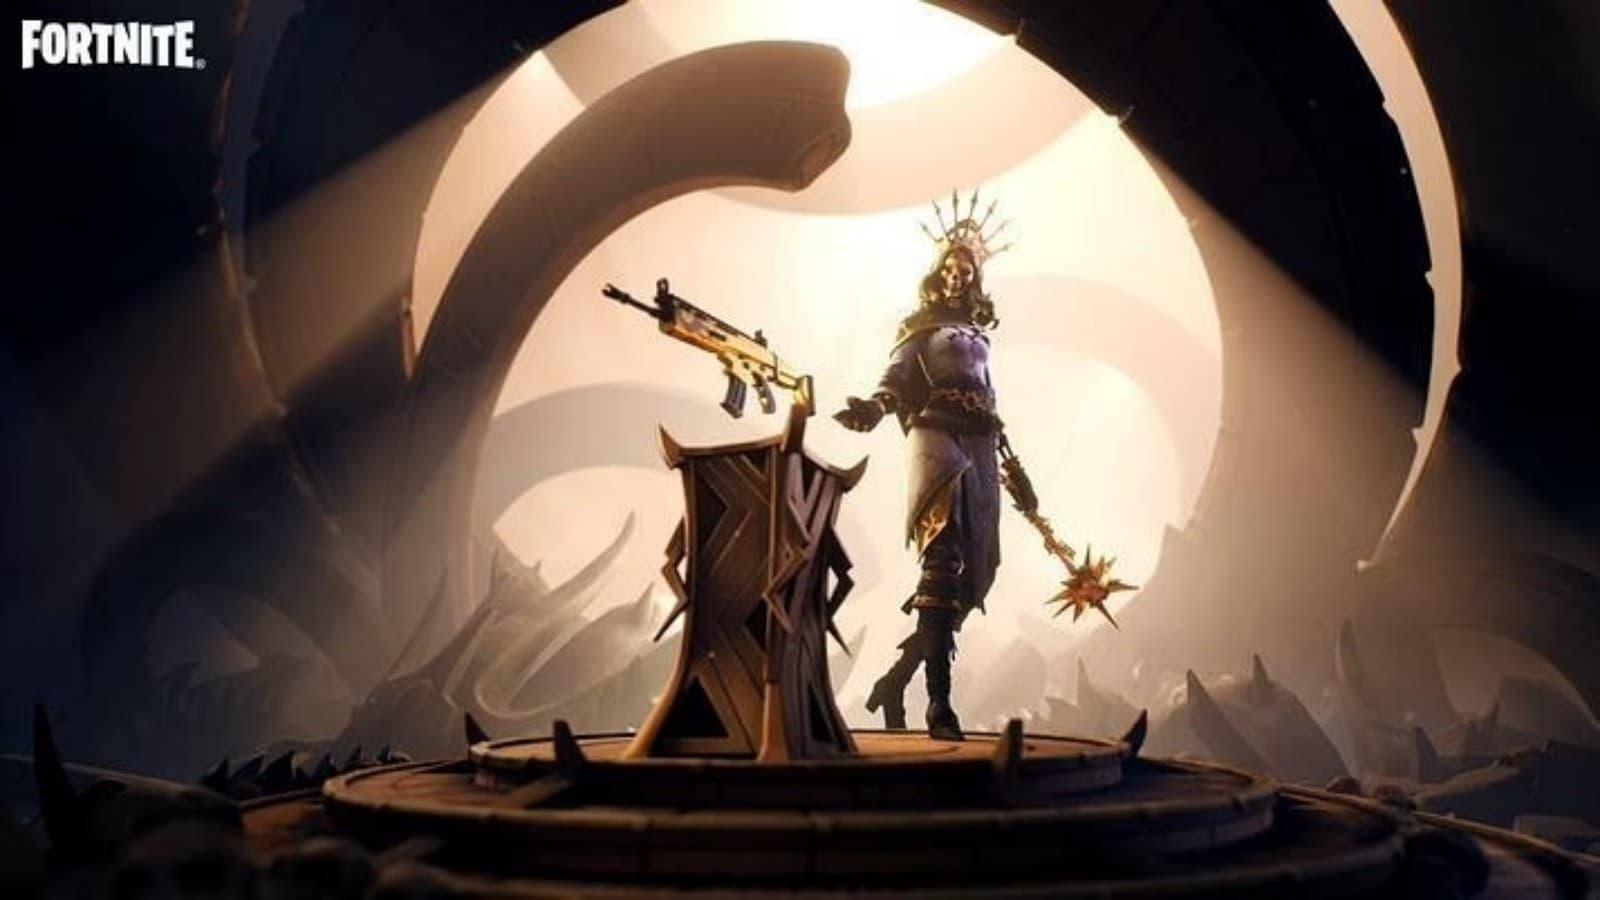 Fortnite Oro Skin: Oro and Orelia in Season 7